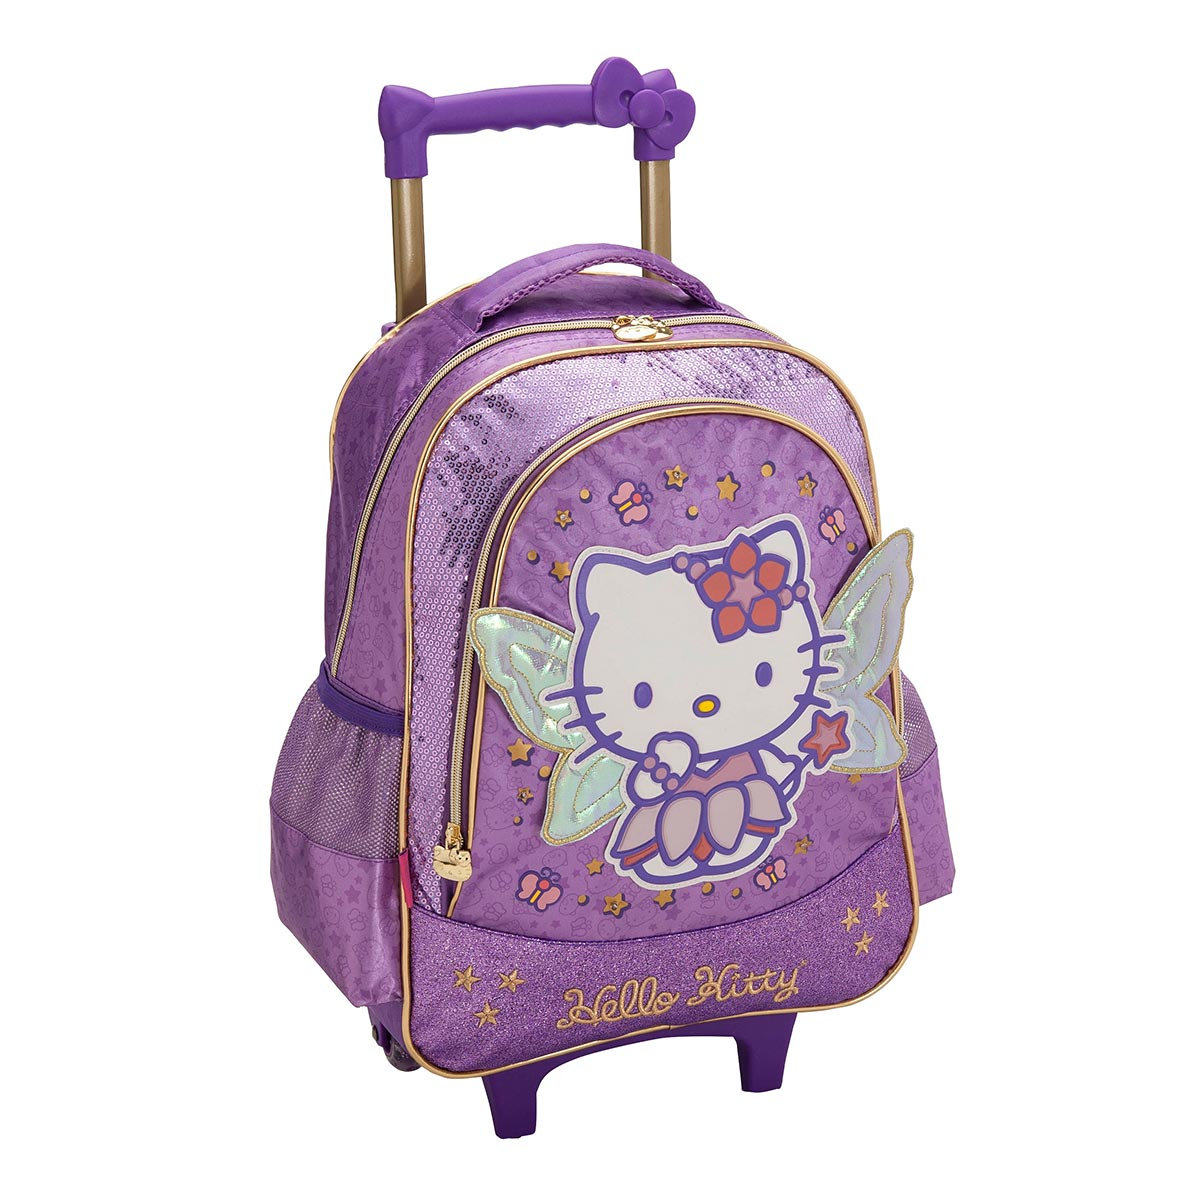 Mochilete Grande Hello Kitty Fada 924G01